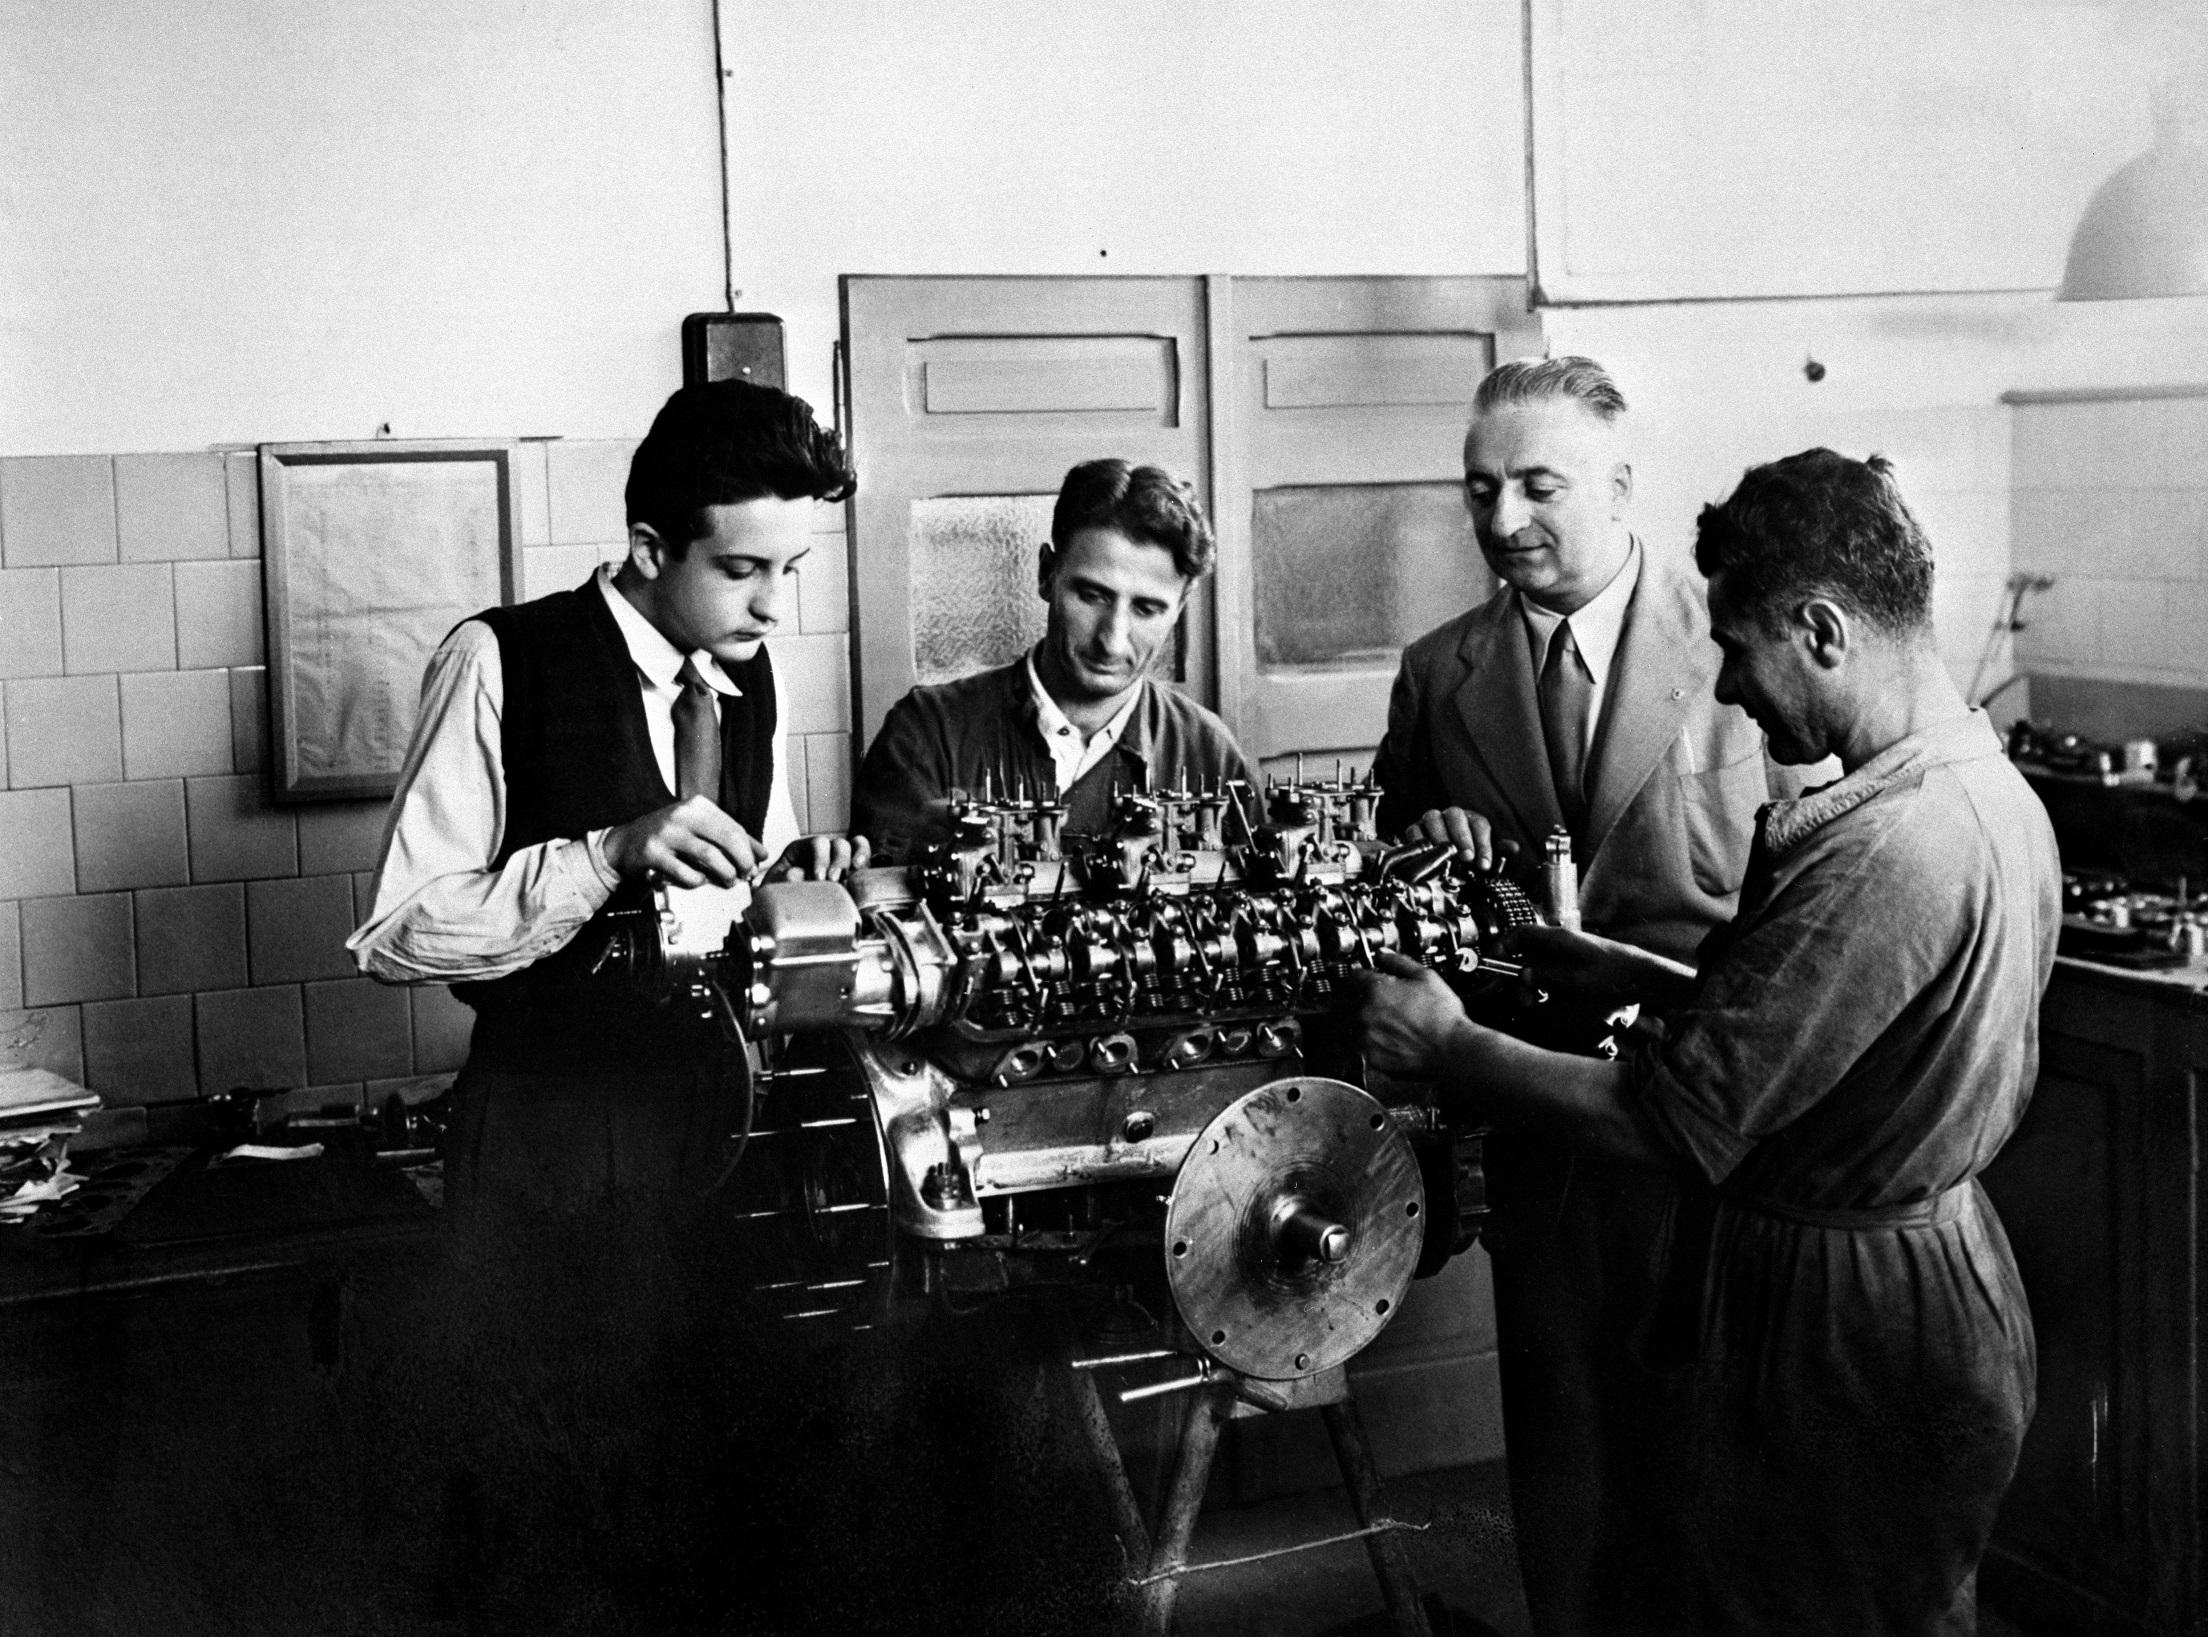 Alfredo, à esquerda, observa a montagem de um motor com o pai, na foto, entre dois funcionários (Ferrari/Divulgação)